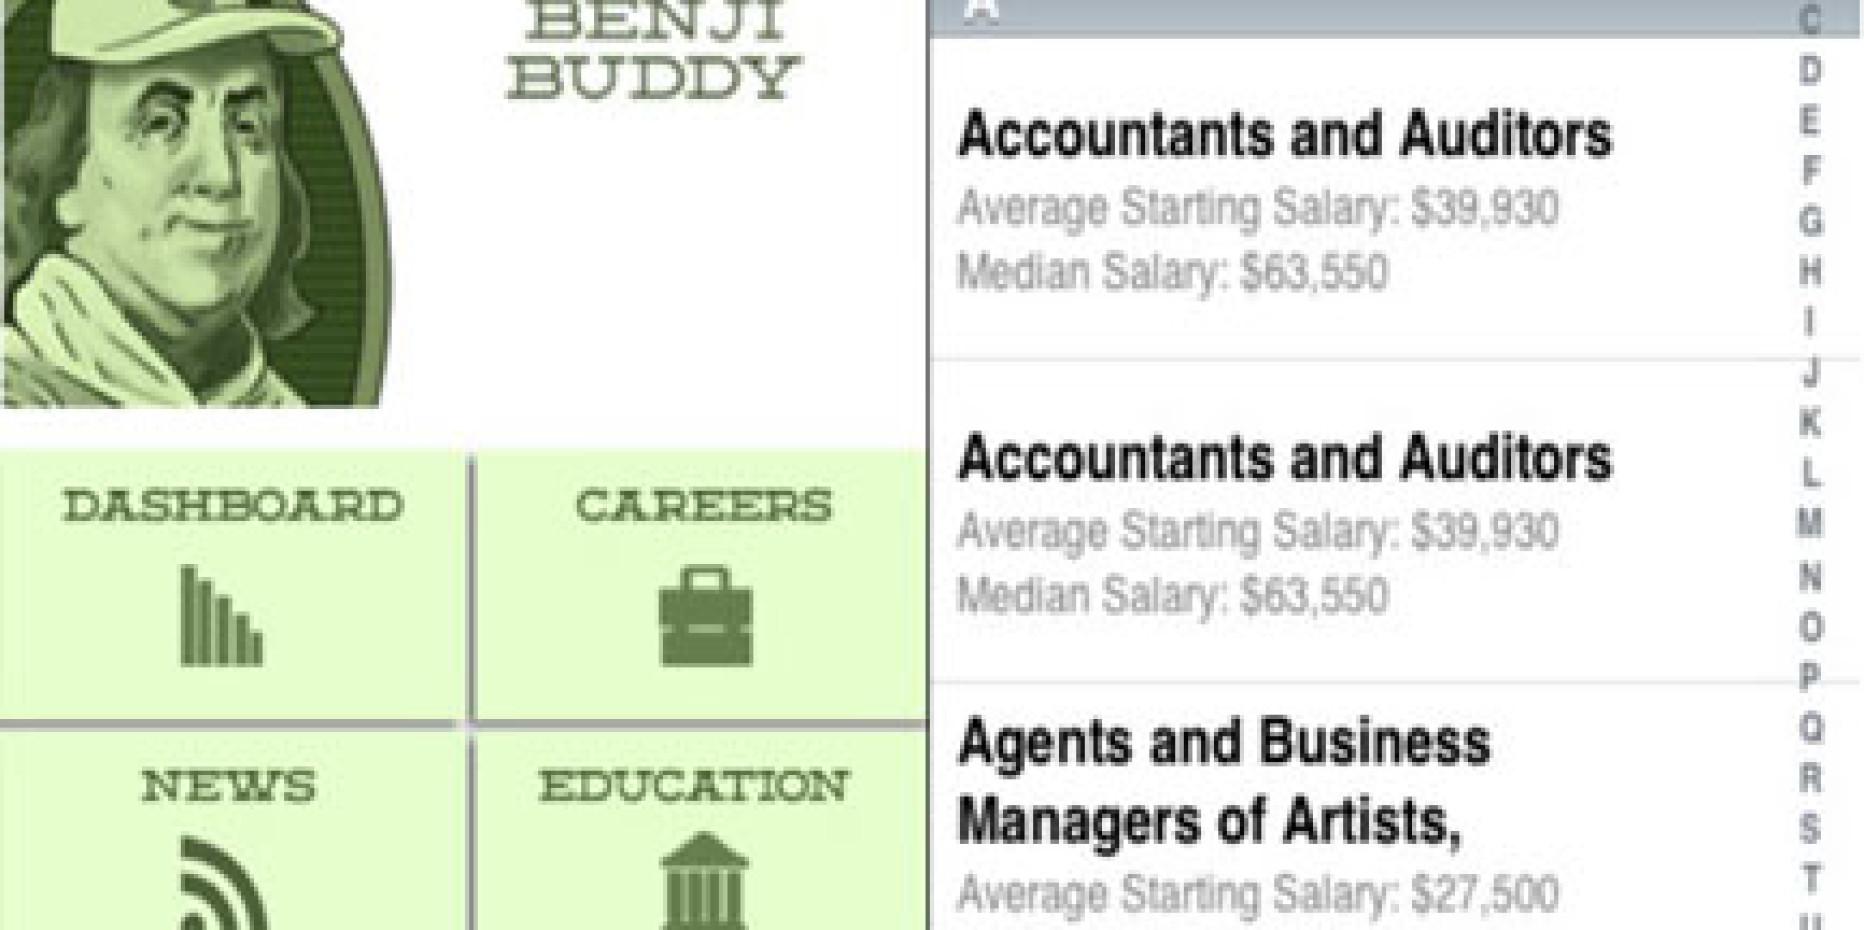 Benji Buddy – Select a Potential Career